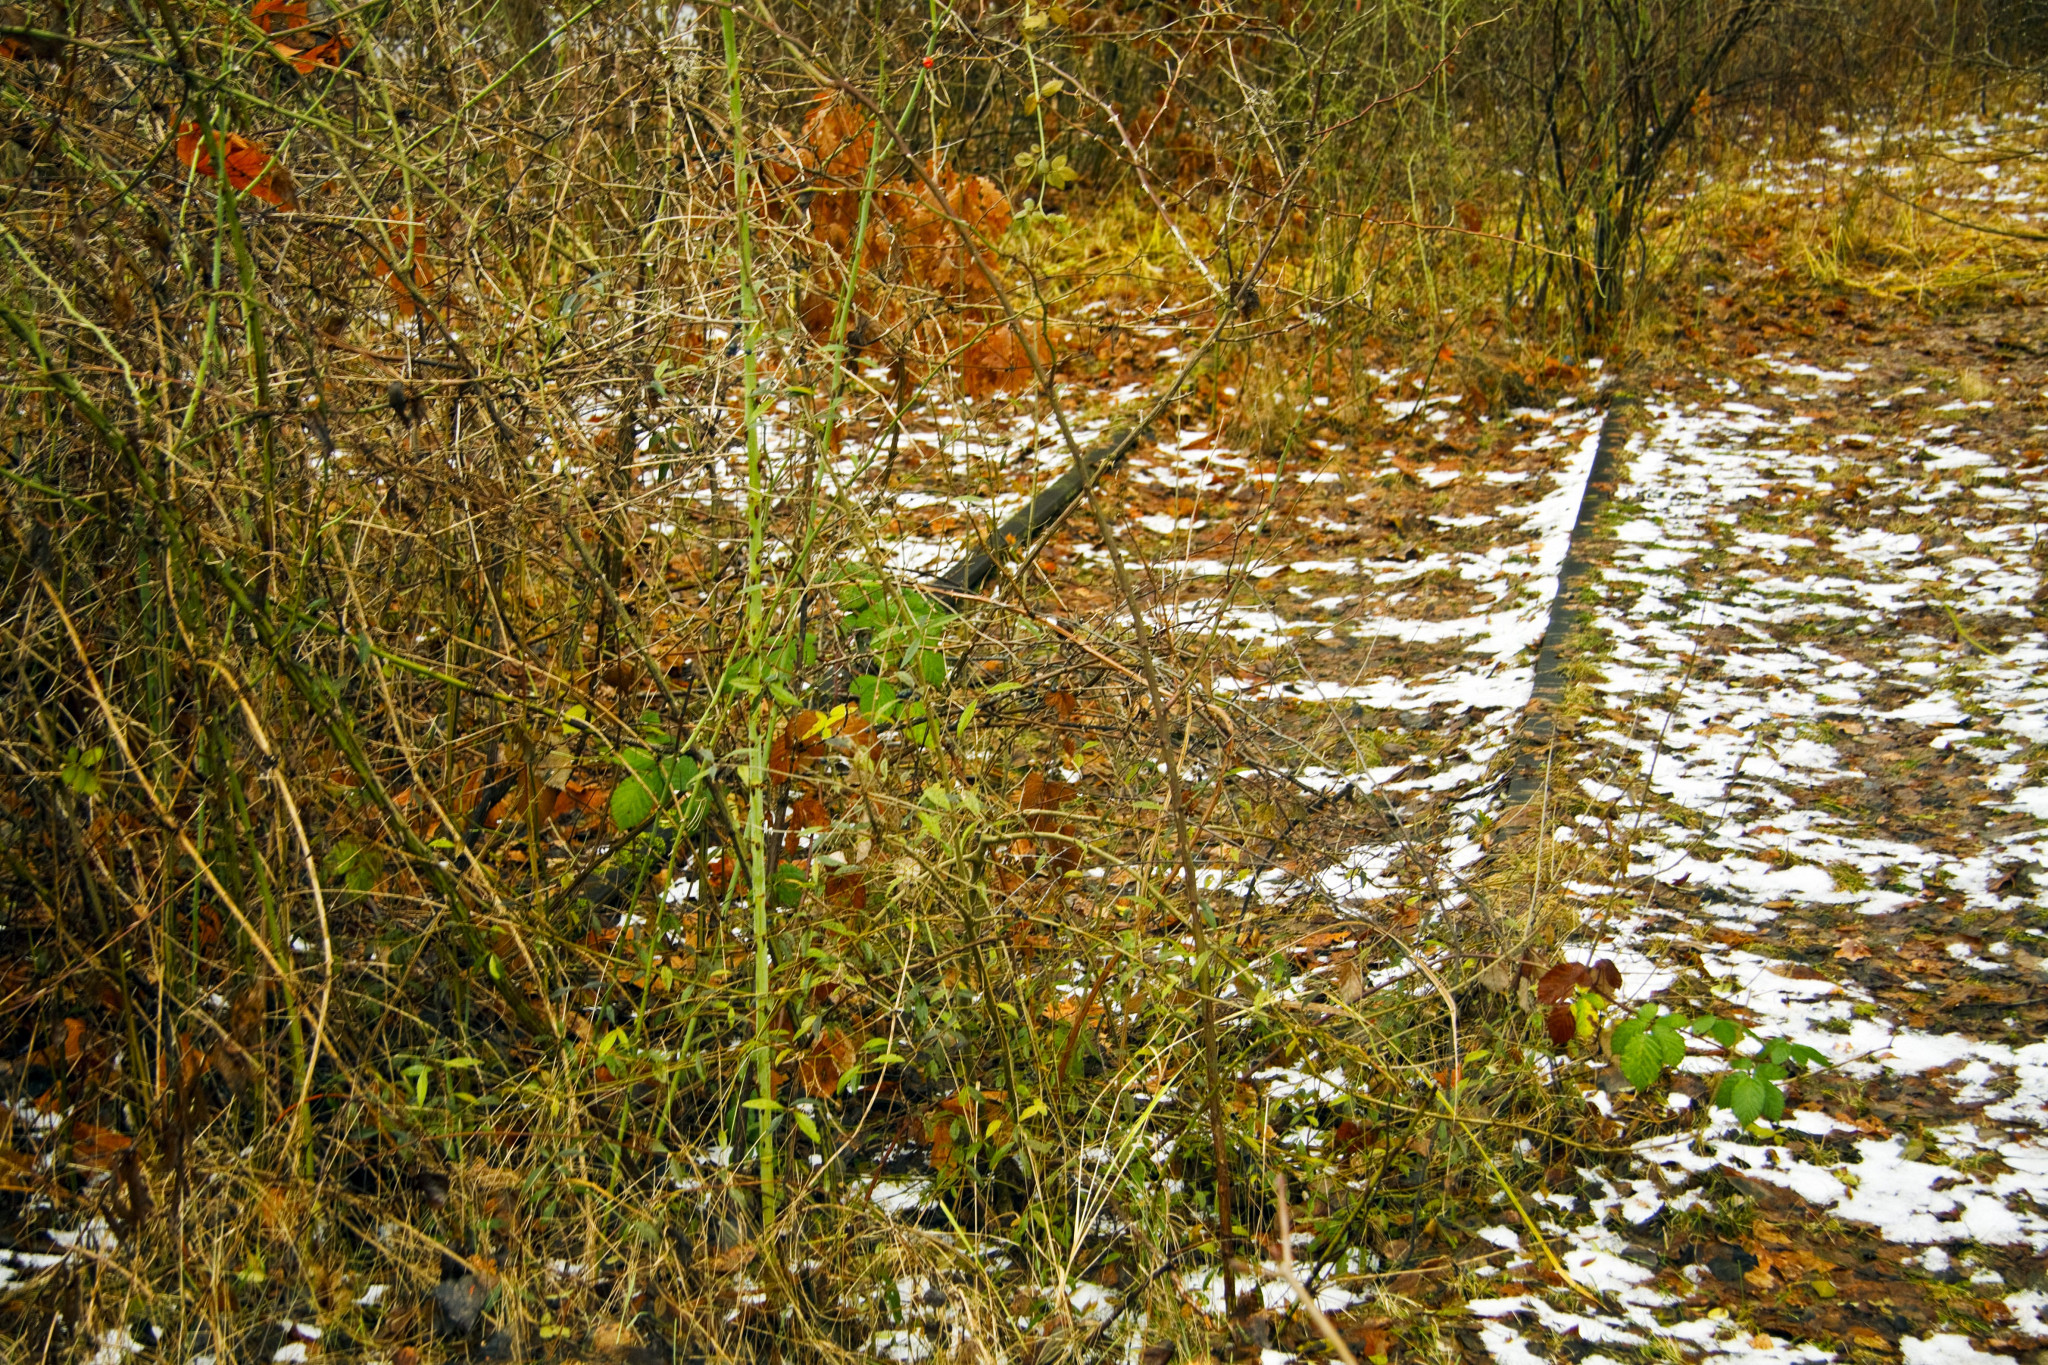 Old tracks in snow